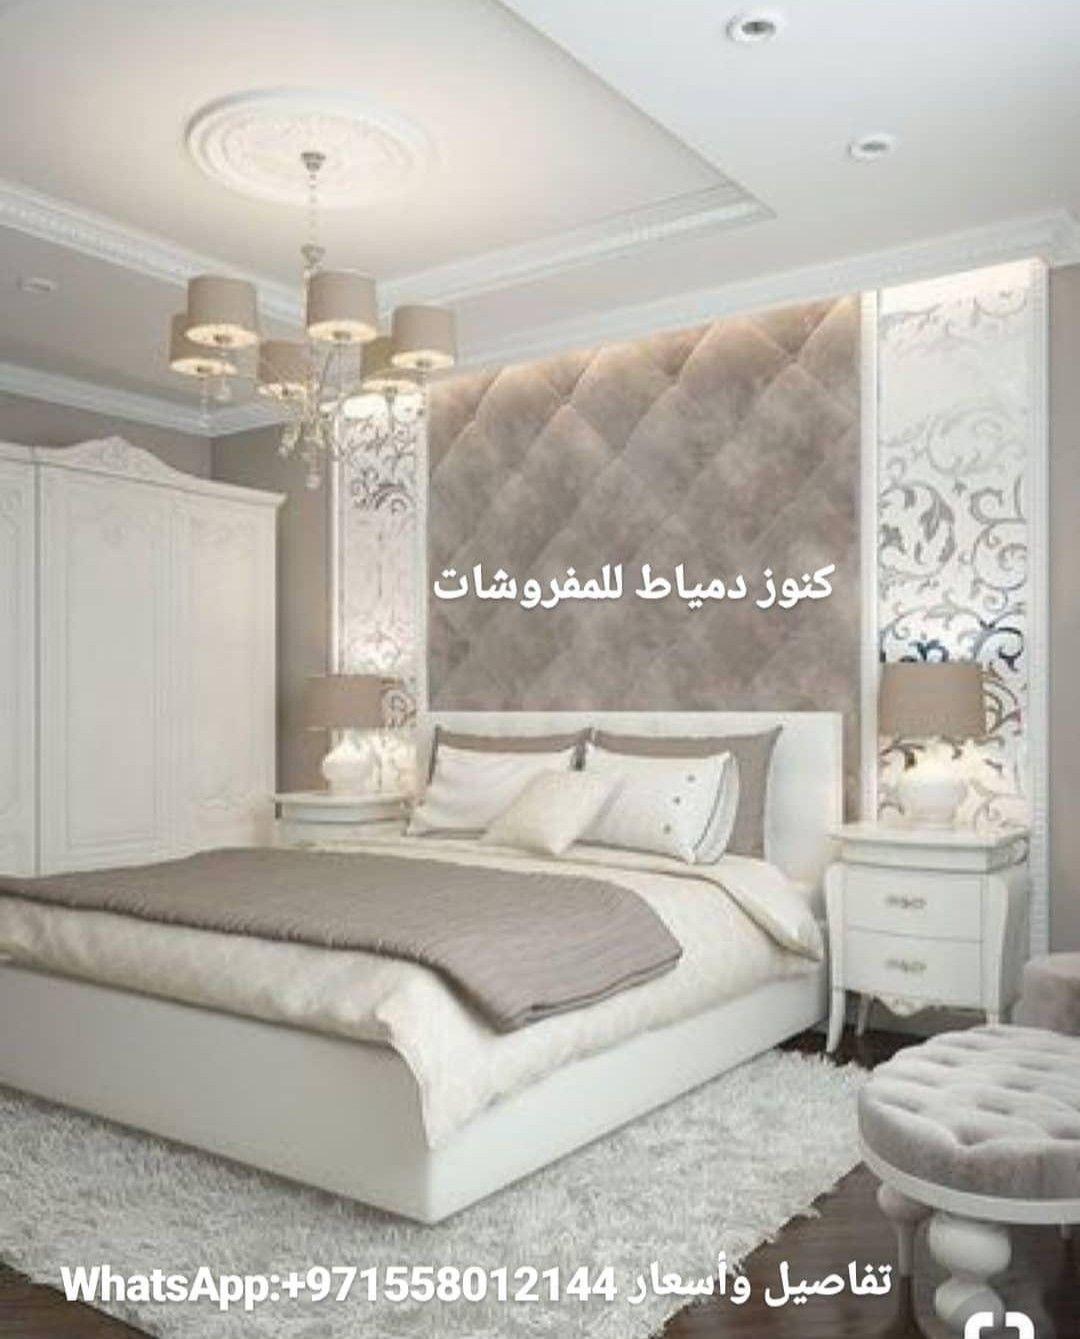 ديكور اثاث مودرن اثاث كلاسيك ديزاين ديكورات منزلية اثاث مصرى اثاث عصرى تصنيع اثاث كنب كلاسيك Luxury Bedroom Master Bedroom Inspirations Elegant Bedroom Design